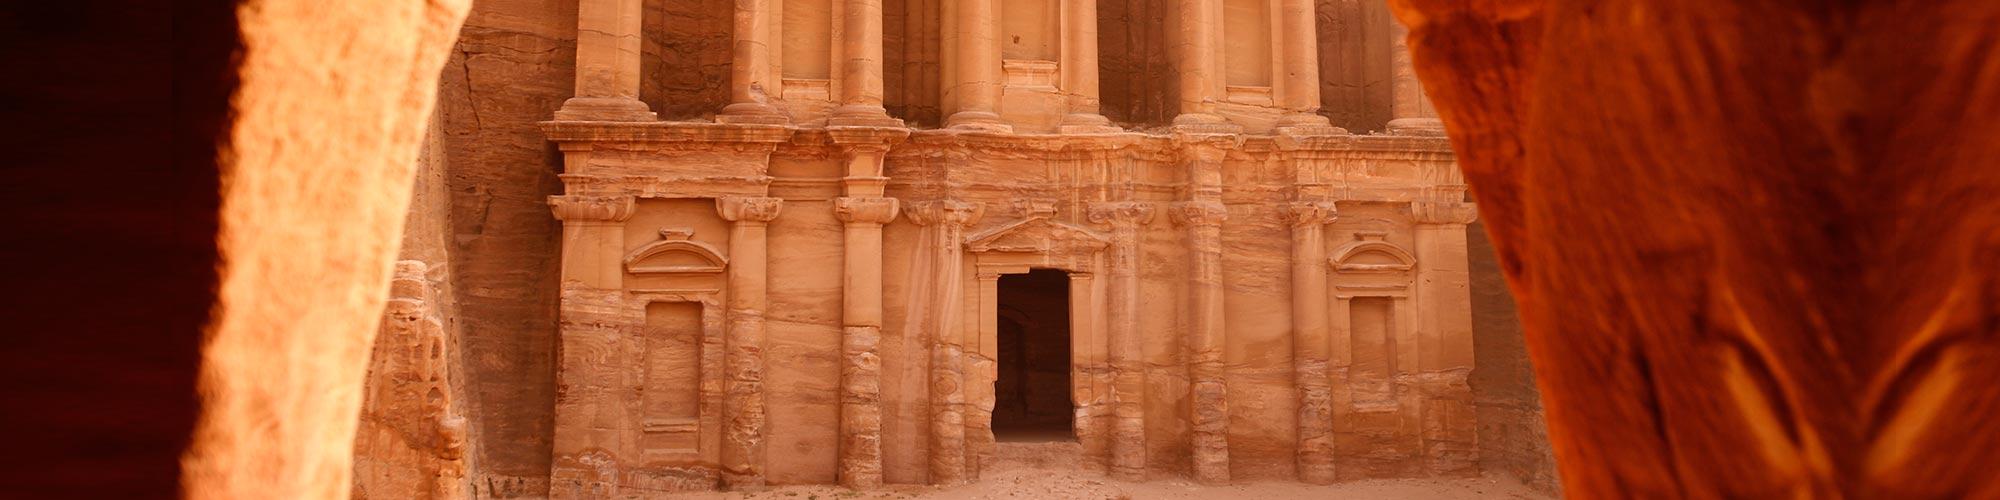 Buscando a Lawrence de Arabia